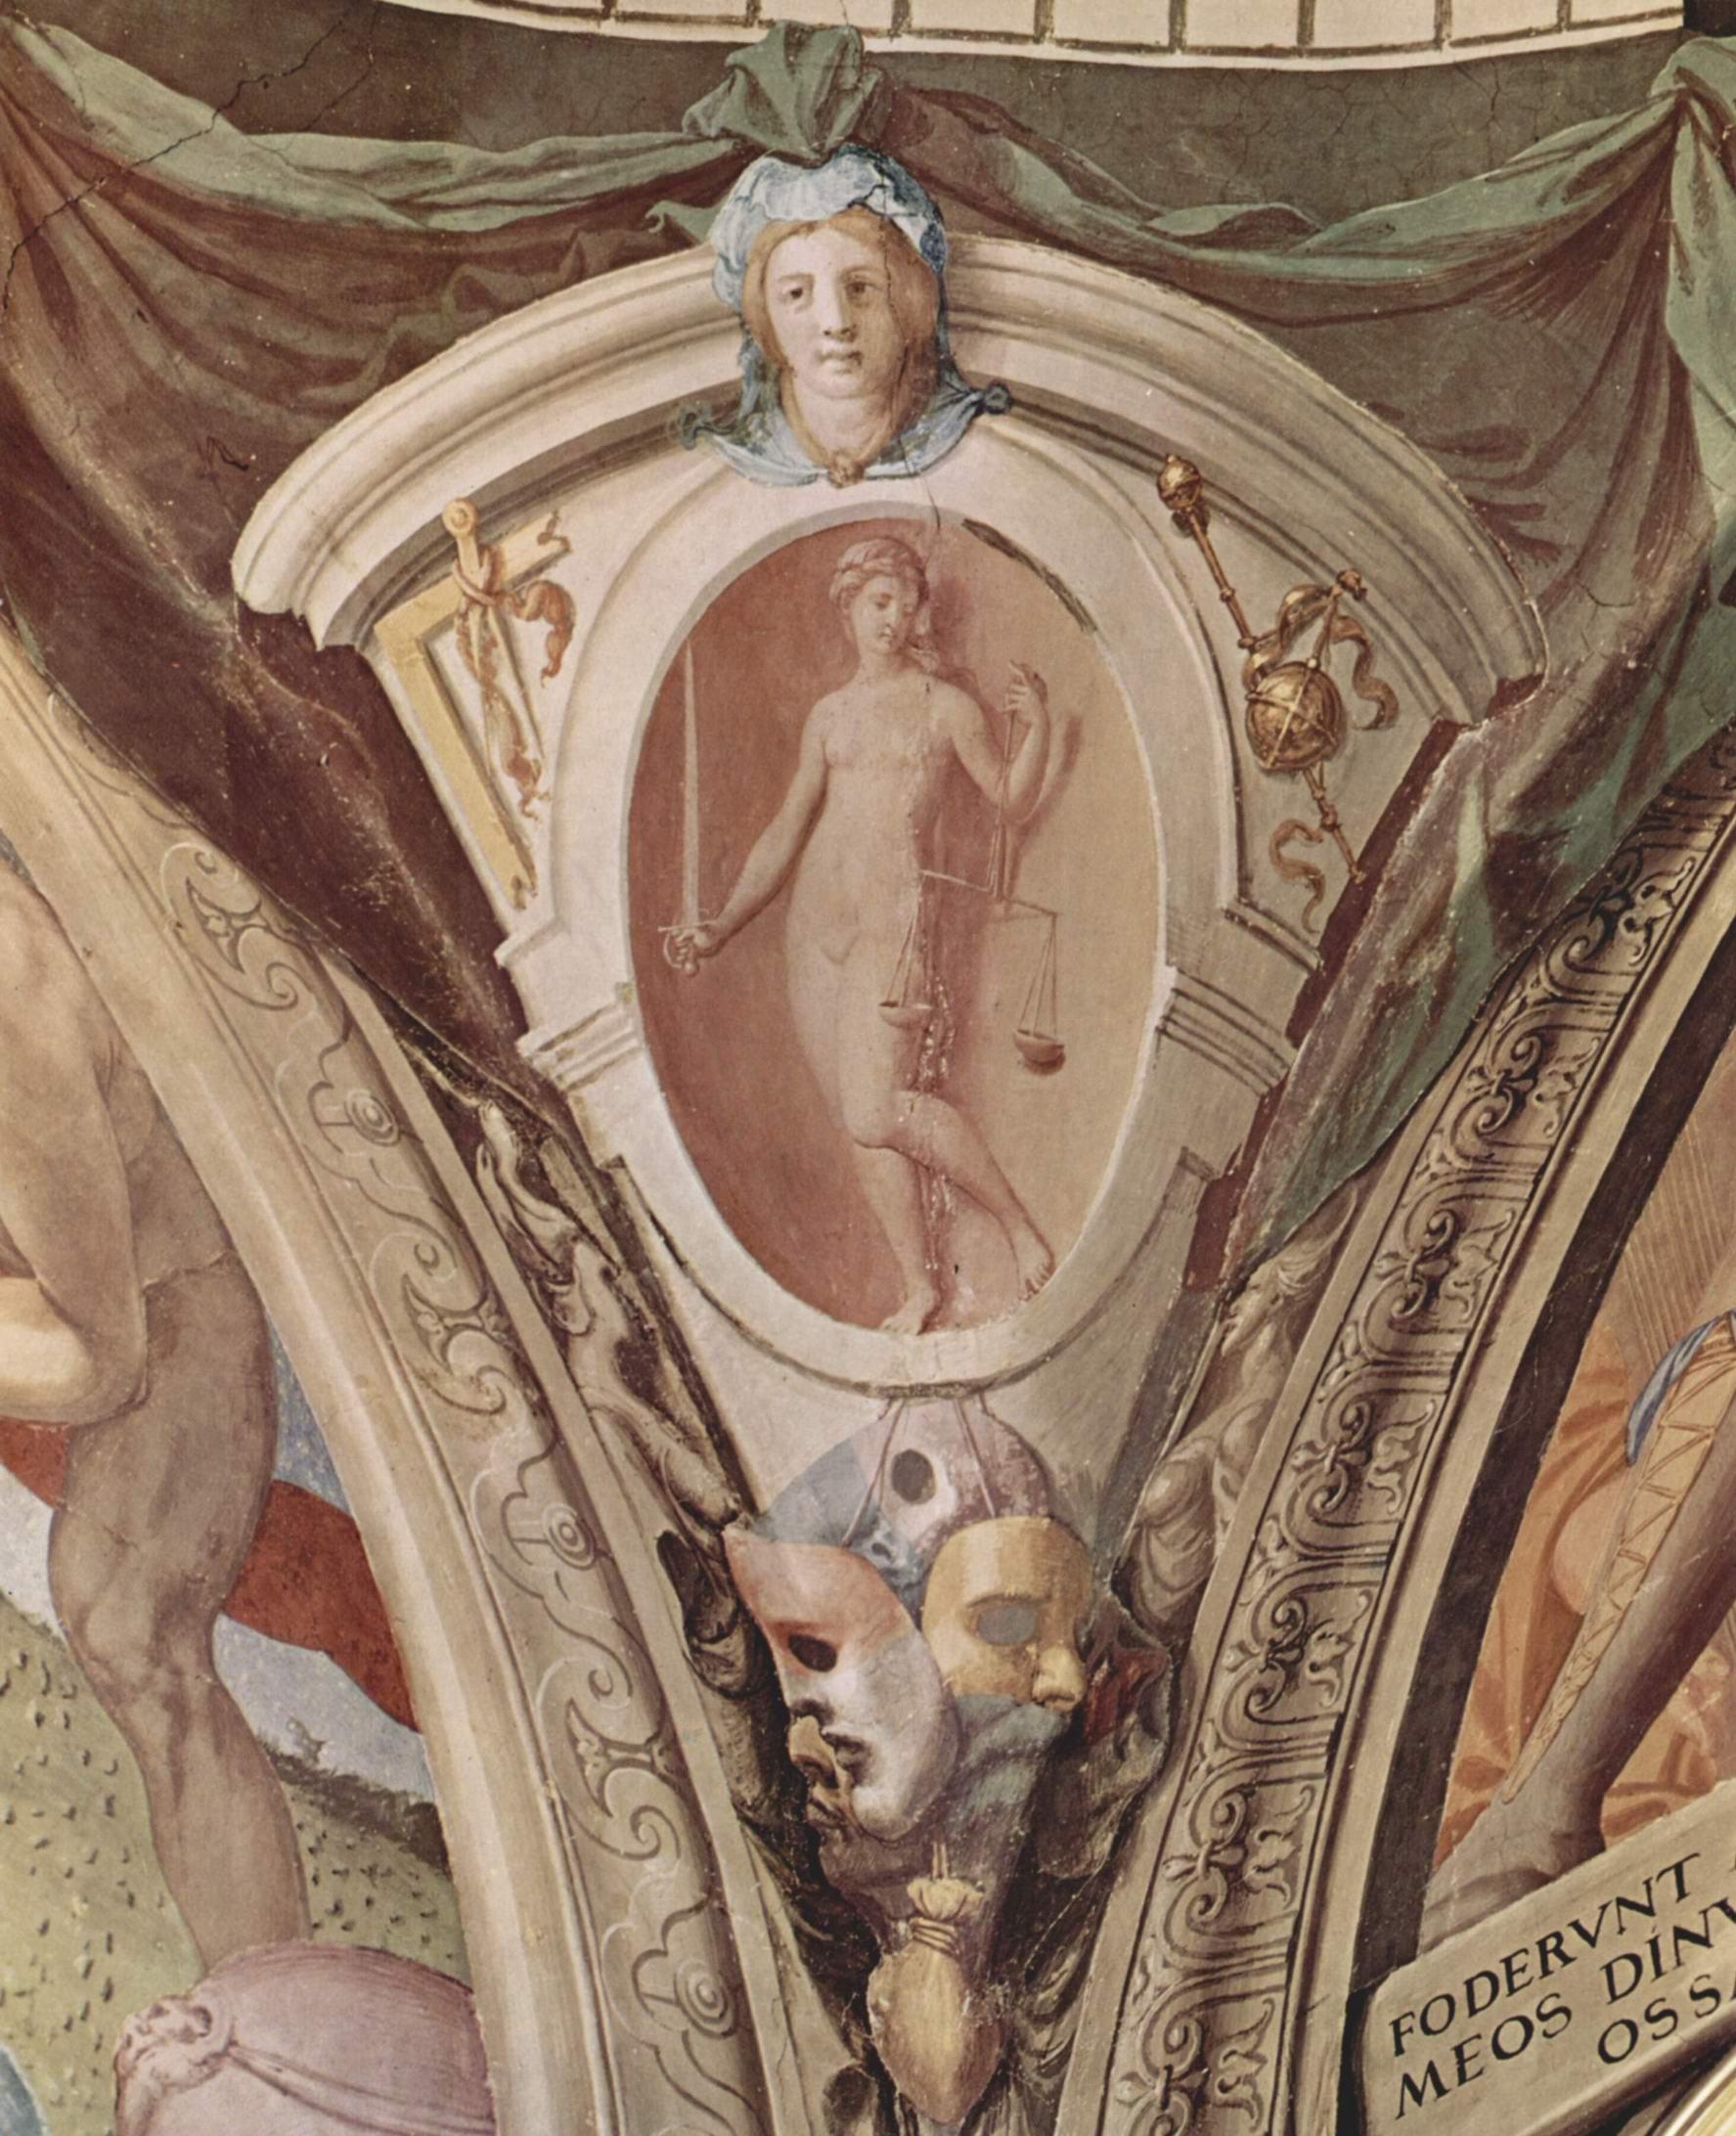 Фрески капеллы Элеоноры Толедской в Палаццо Веккио во Флоренции, медальоны, сцены  аллегории добродетелей кардинала. Деталь, Бронзино Аньоло